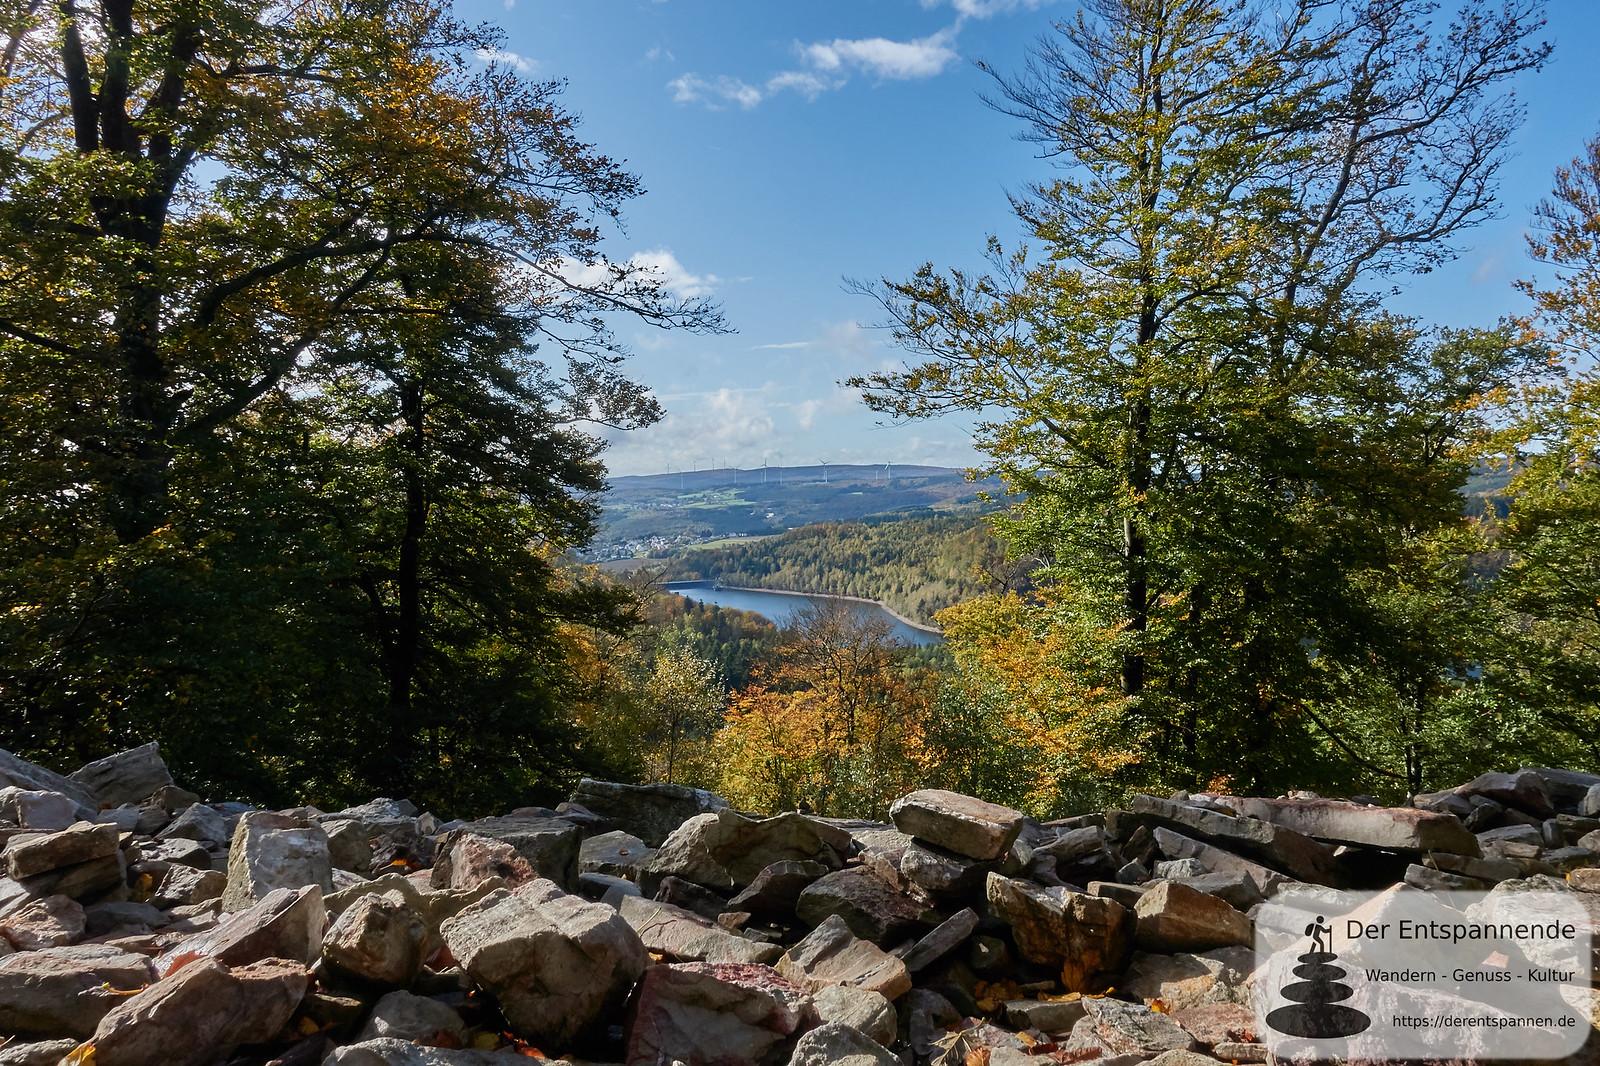 Ausblick zur Talsperre von Nonnweiler